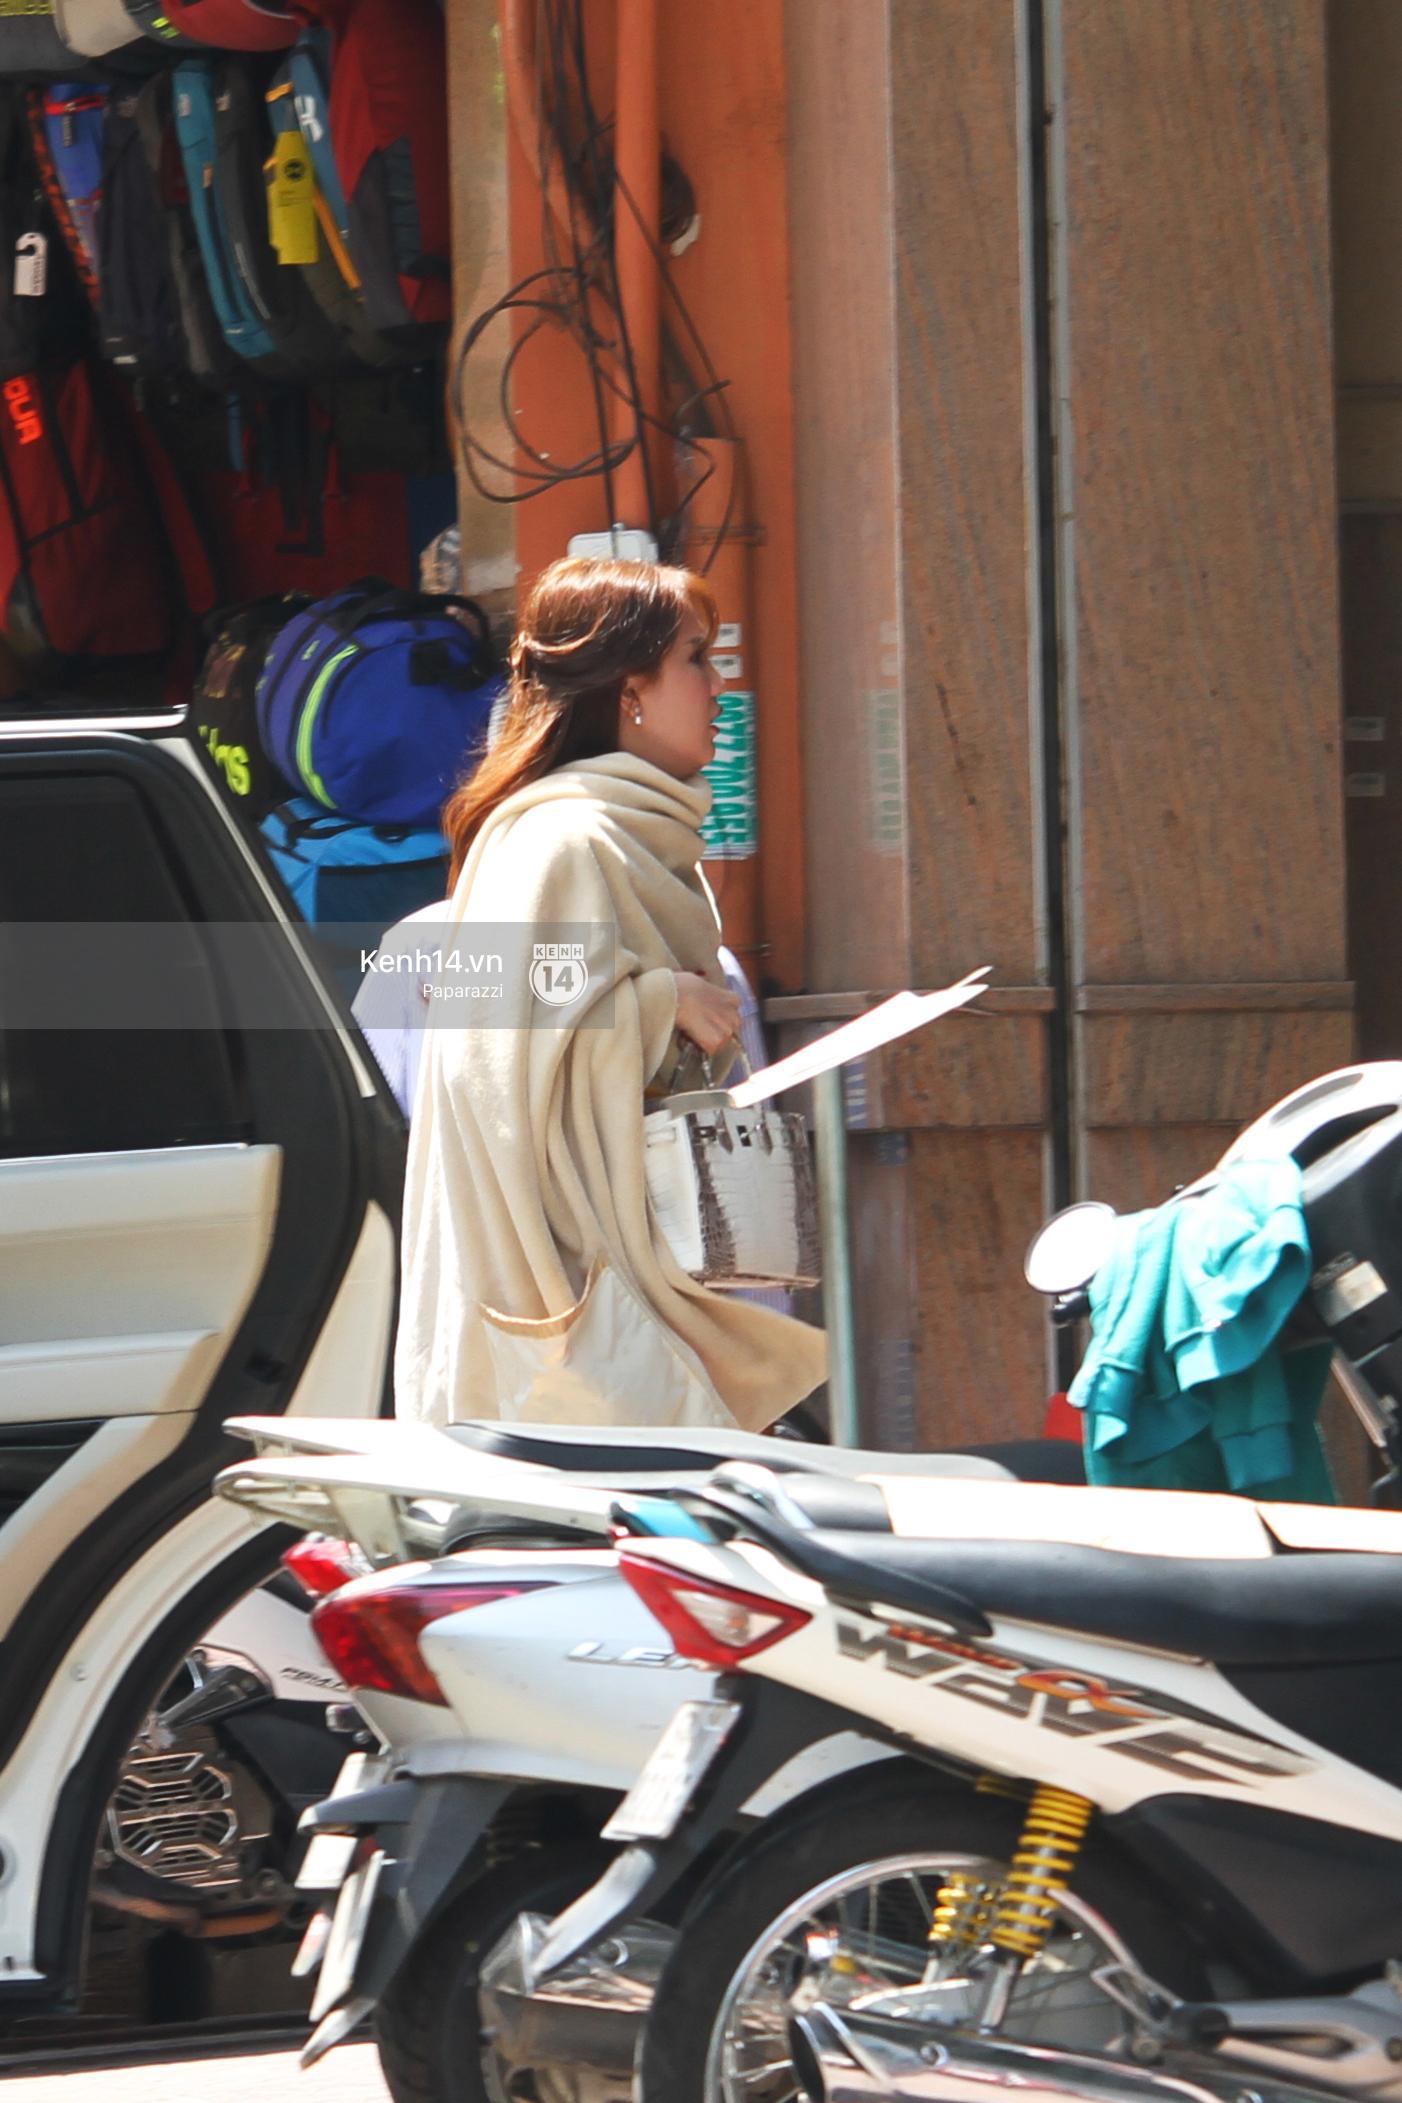 Ngọc Trinh trùm kín khi xuất hiện trên phố, đi ăn chay và làm đẹp - Ảnh 2.